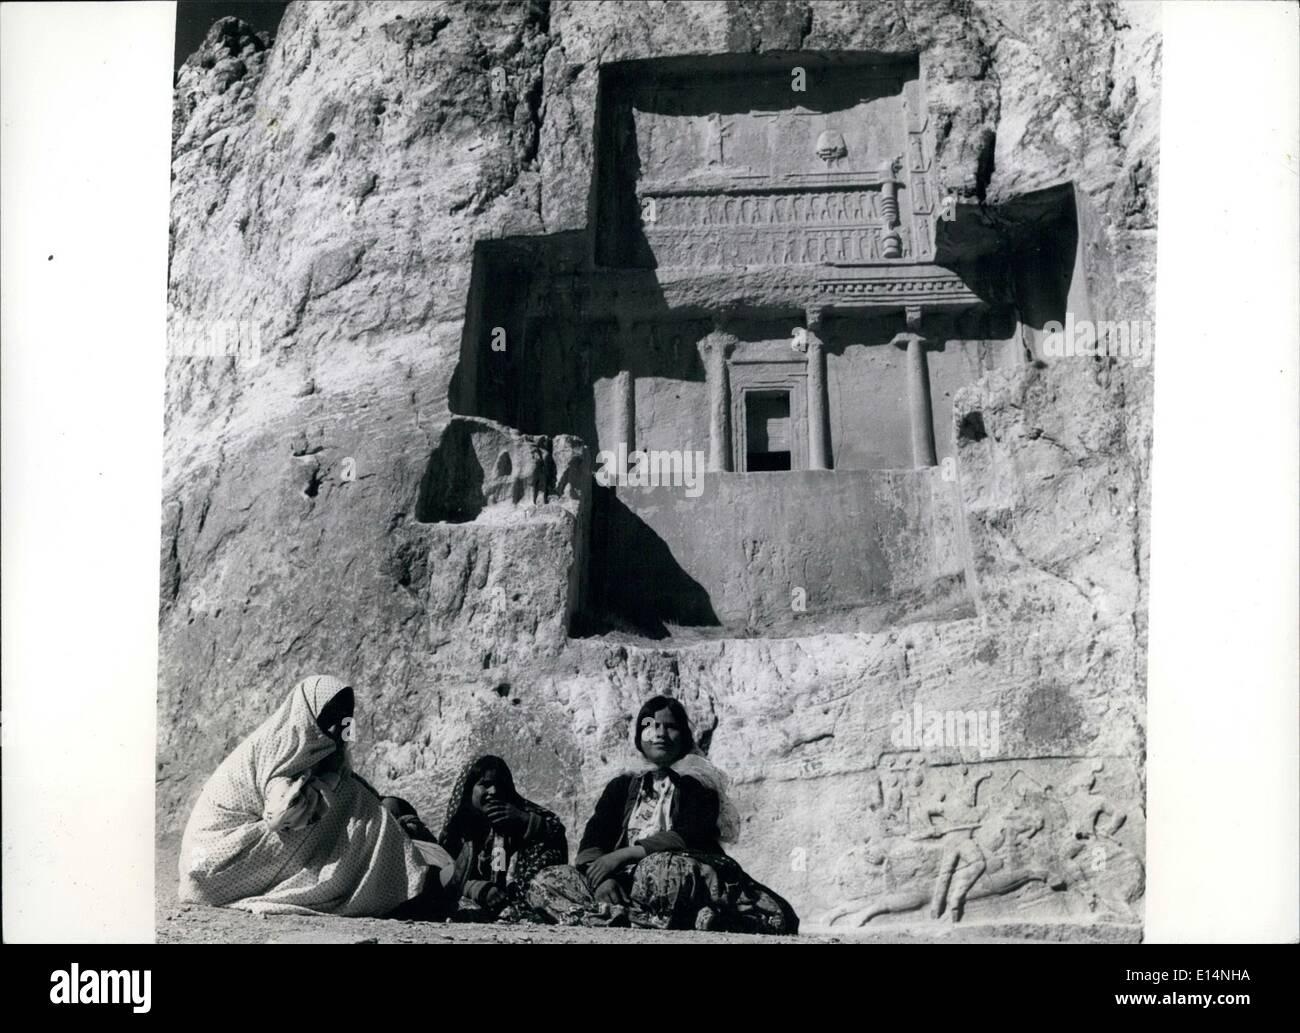 Apr. 18, 2012 - potrebbe essere la storia come questi contadini locali rilassatevi sotto le sculture intorno alla tomba di un antico imperatore persiano vicino a Persepoli, Iran. Immagini Stock